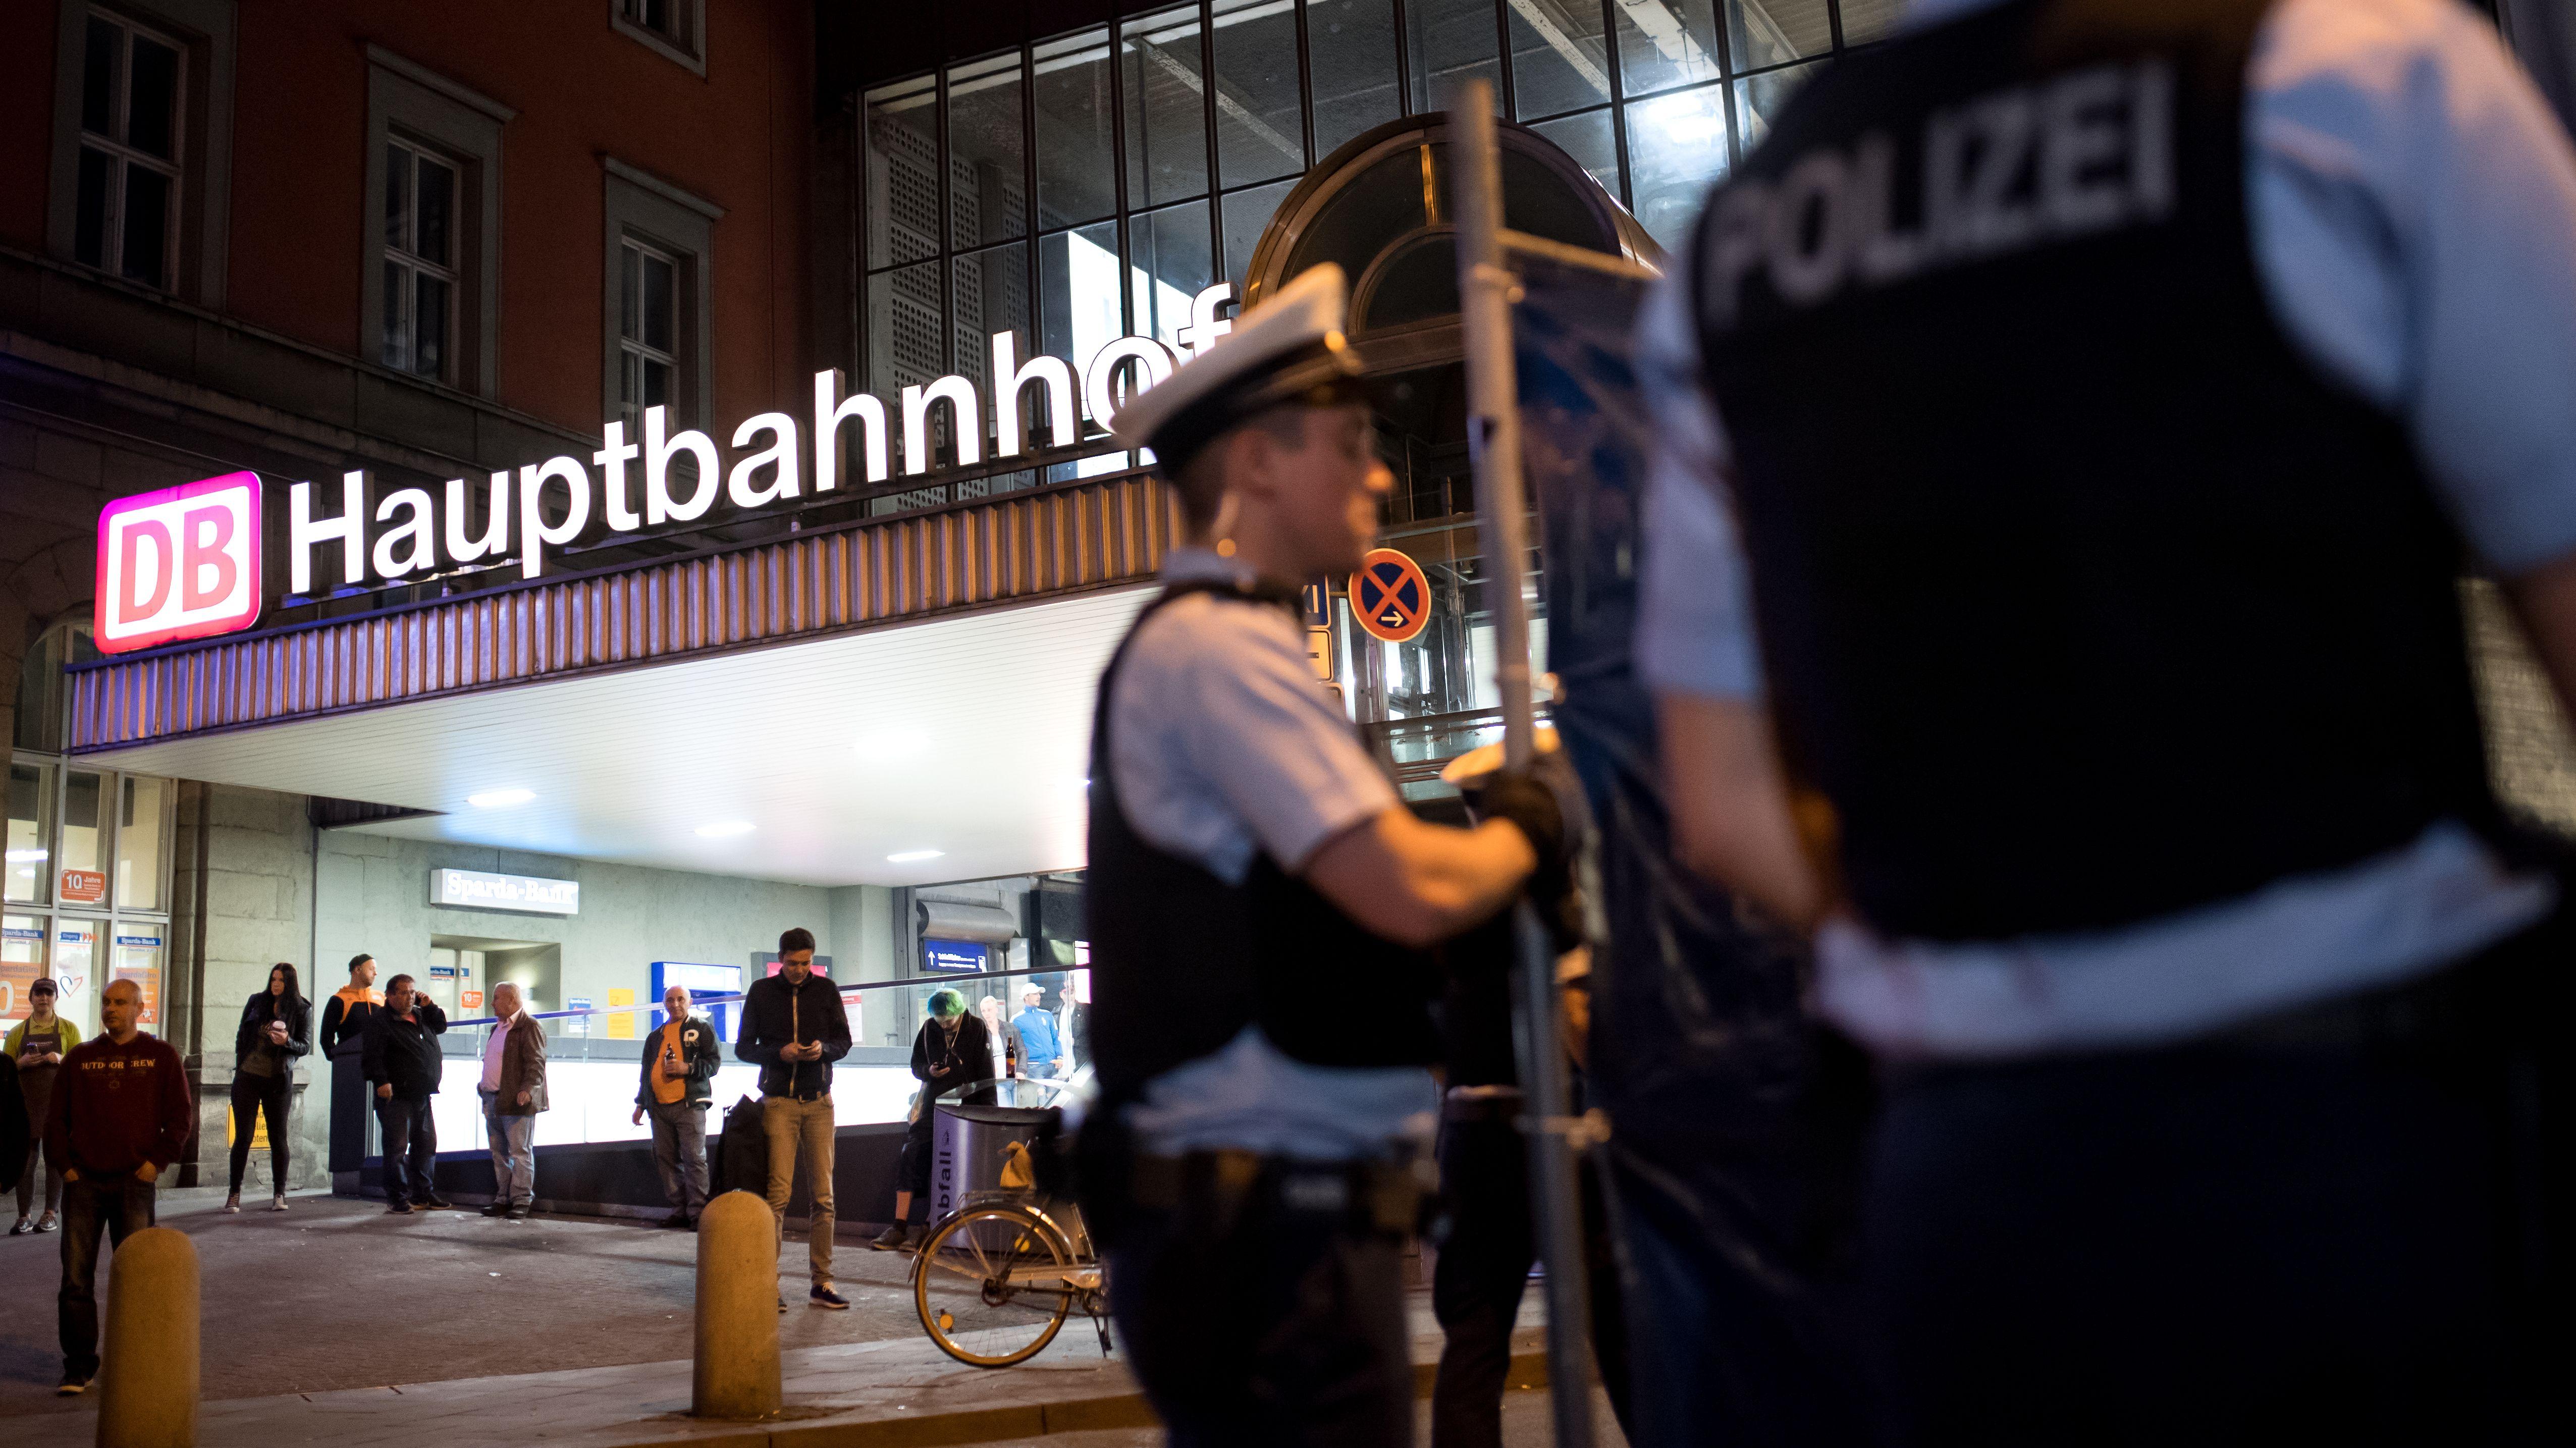 Bundespolizisten am Münchner Hauptbahnhof